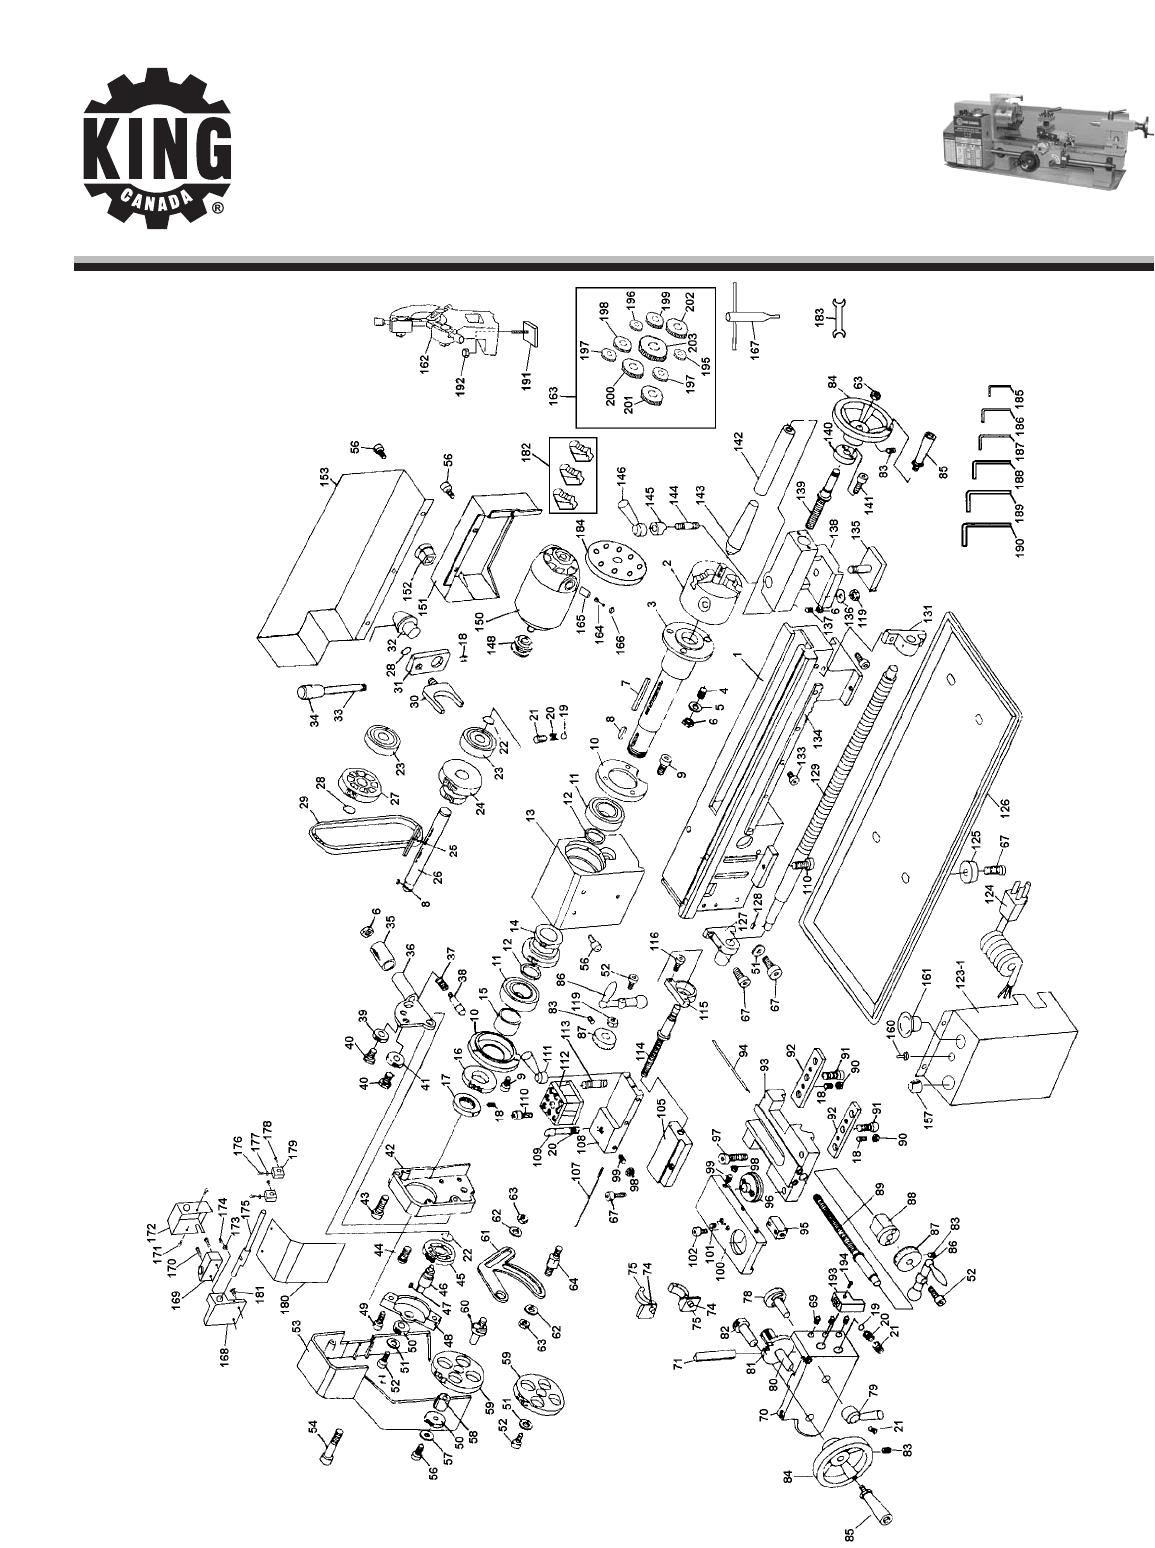 Opération manuelle de tour atlas pdf